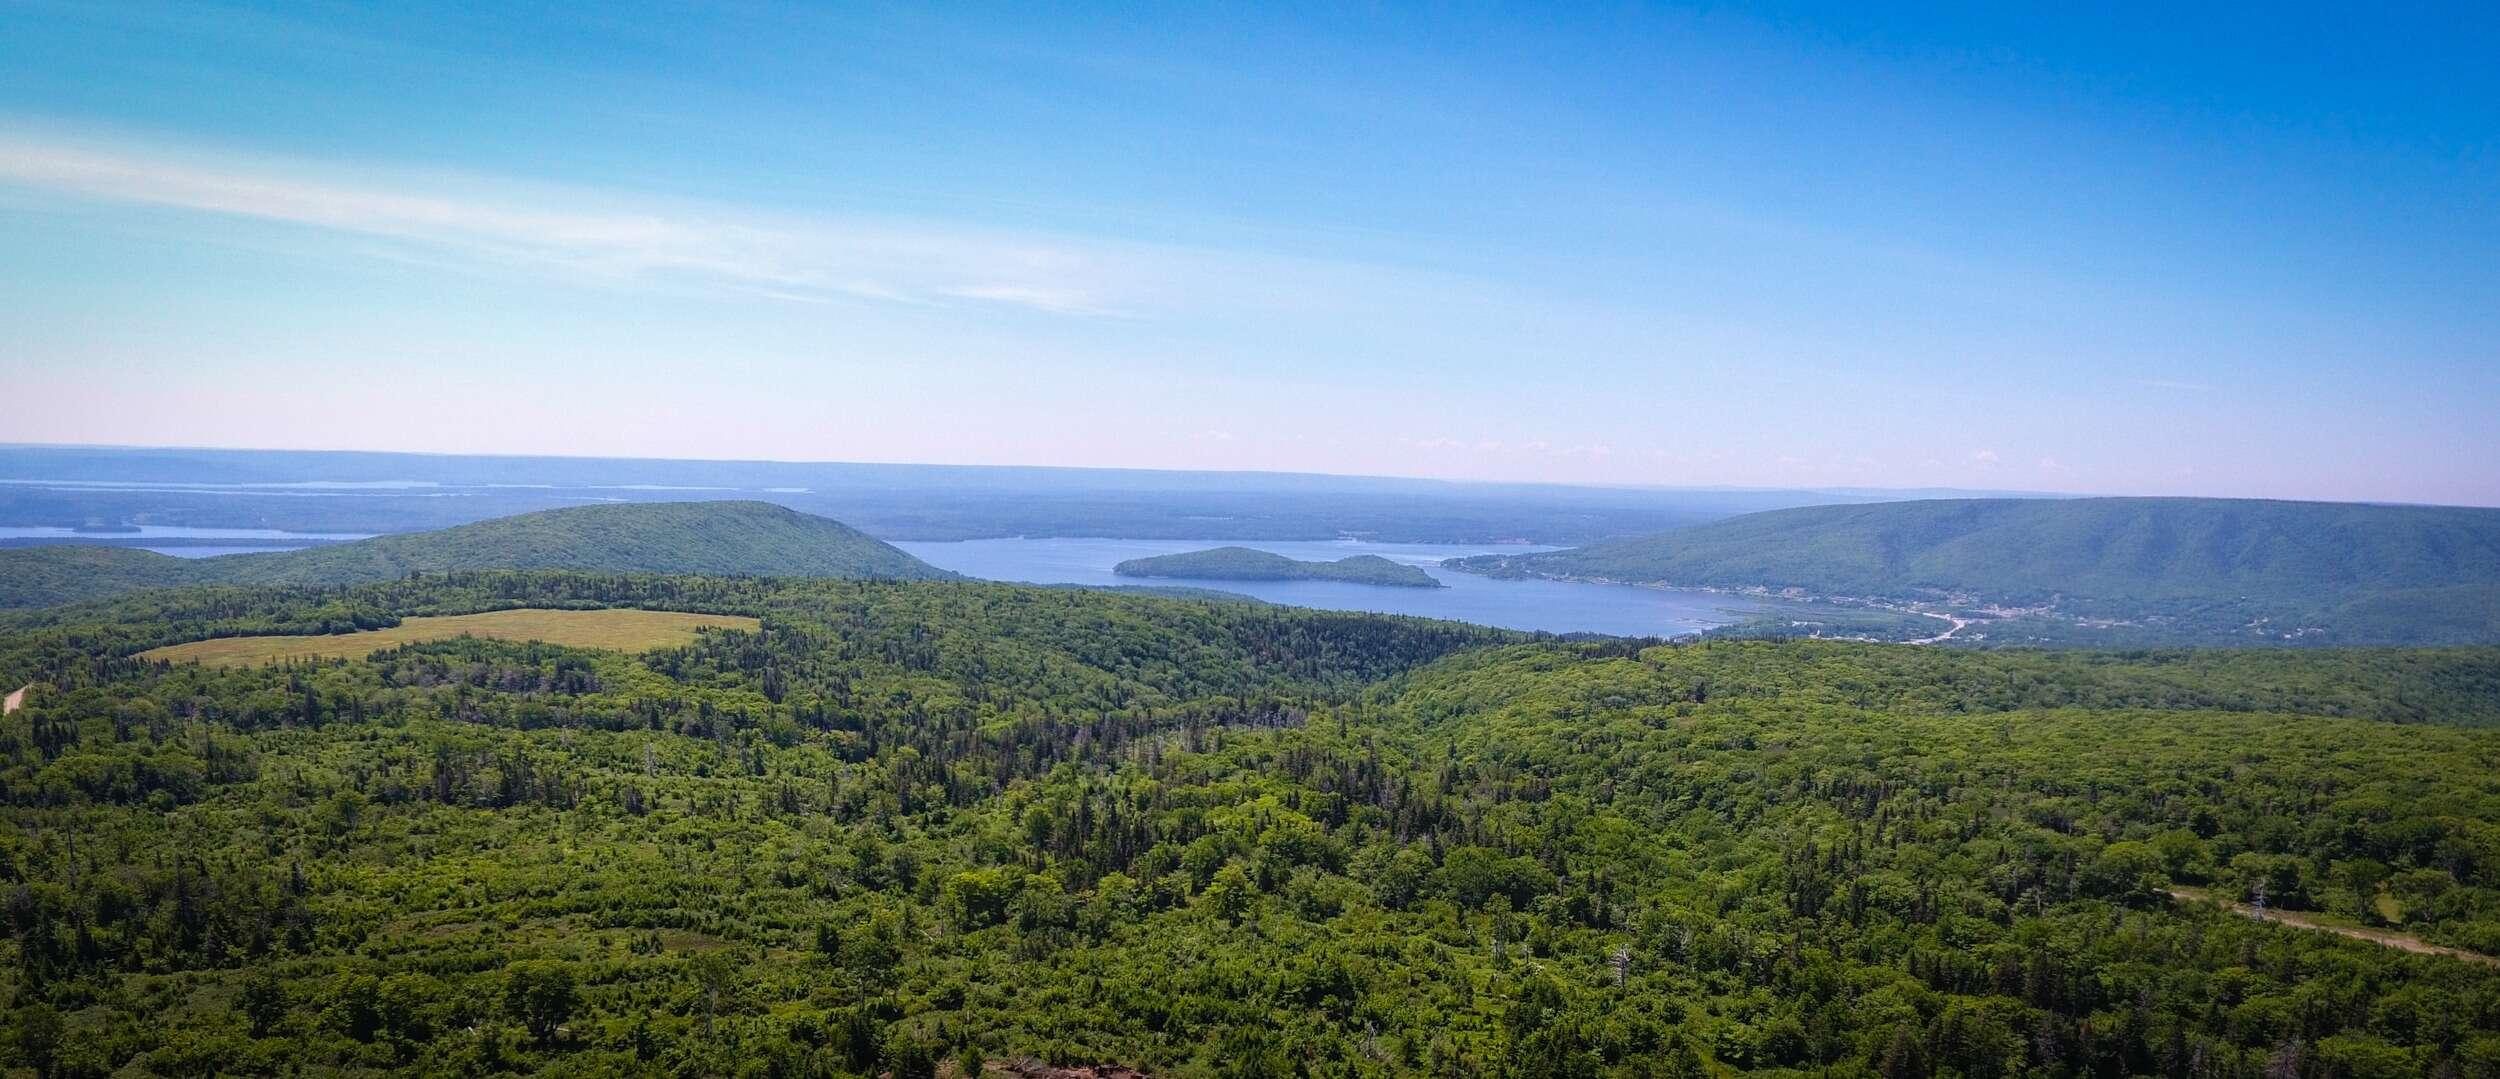 Off-Grid Mountain Wilderness Resort